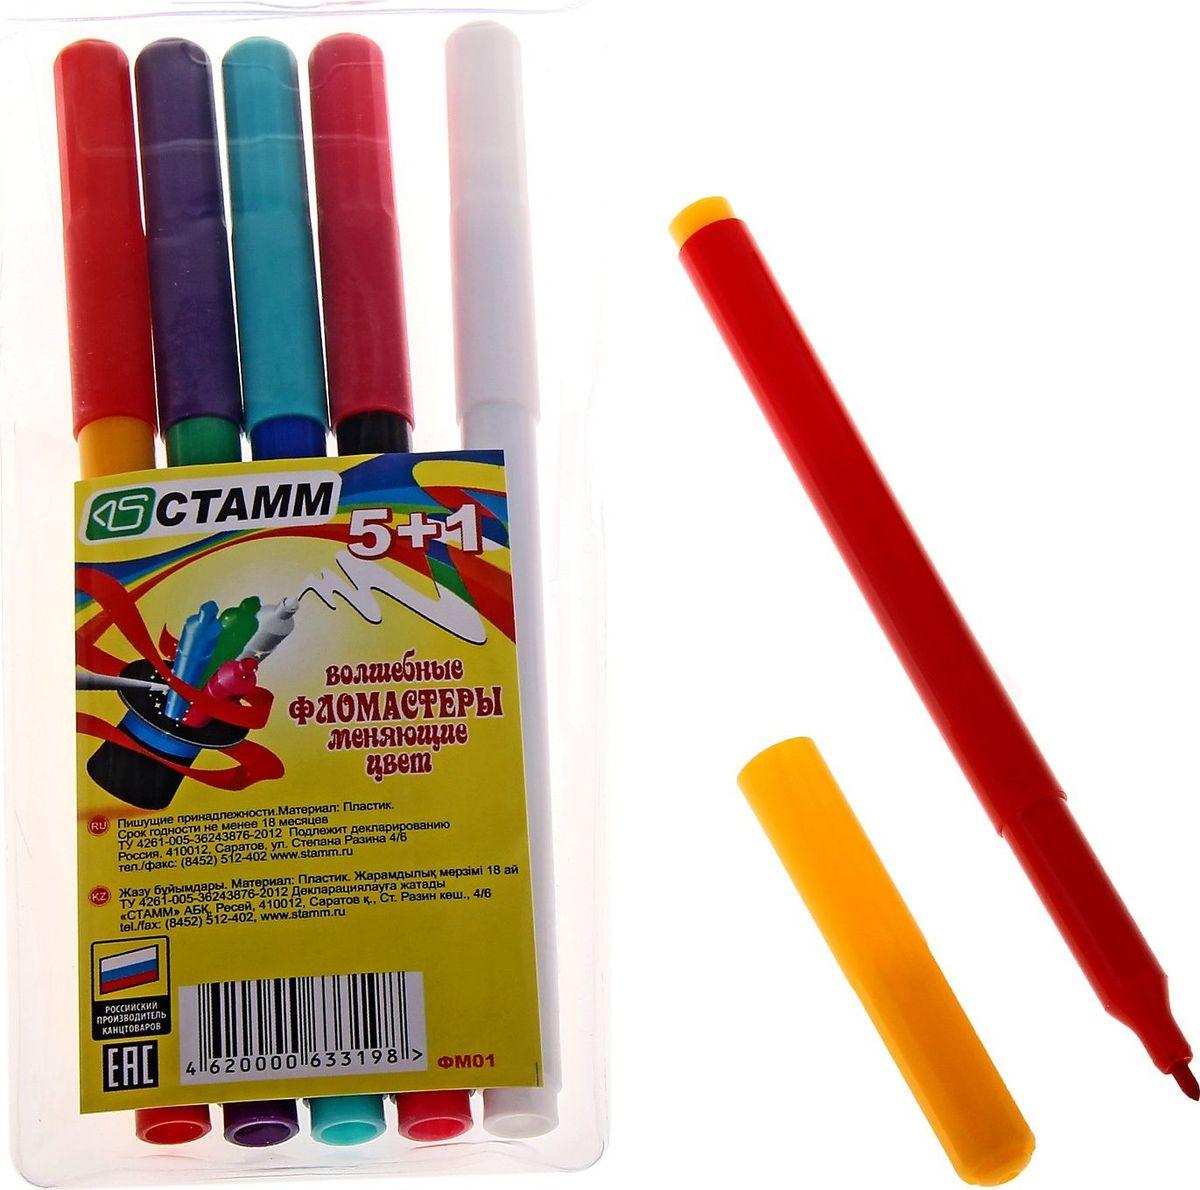 Стамм Набор фломастеров Magic 6 цветов161332Фломастеры 5+1цв Magic – уникальные фломастеры. В комплект входит белый фломастер-преобразователь, который способен изменить цвета других фломастеров в наборе. Просто проведите им по уже готовому рисунку и получите новую цветовую гамму. Первоначальный цвет совпадает с цветом корпуса, а новый «магический» - с цветом колпачка фломастера. Подарите своему ребёнку незабываемые эмоции и способствуйте развитию его творческого потенциала. Заказать «Магические» фломастеры оптом можно сейчас на очень выгодных условиях.